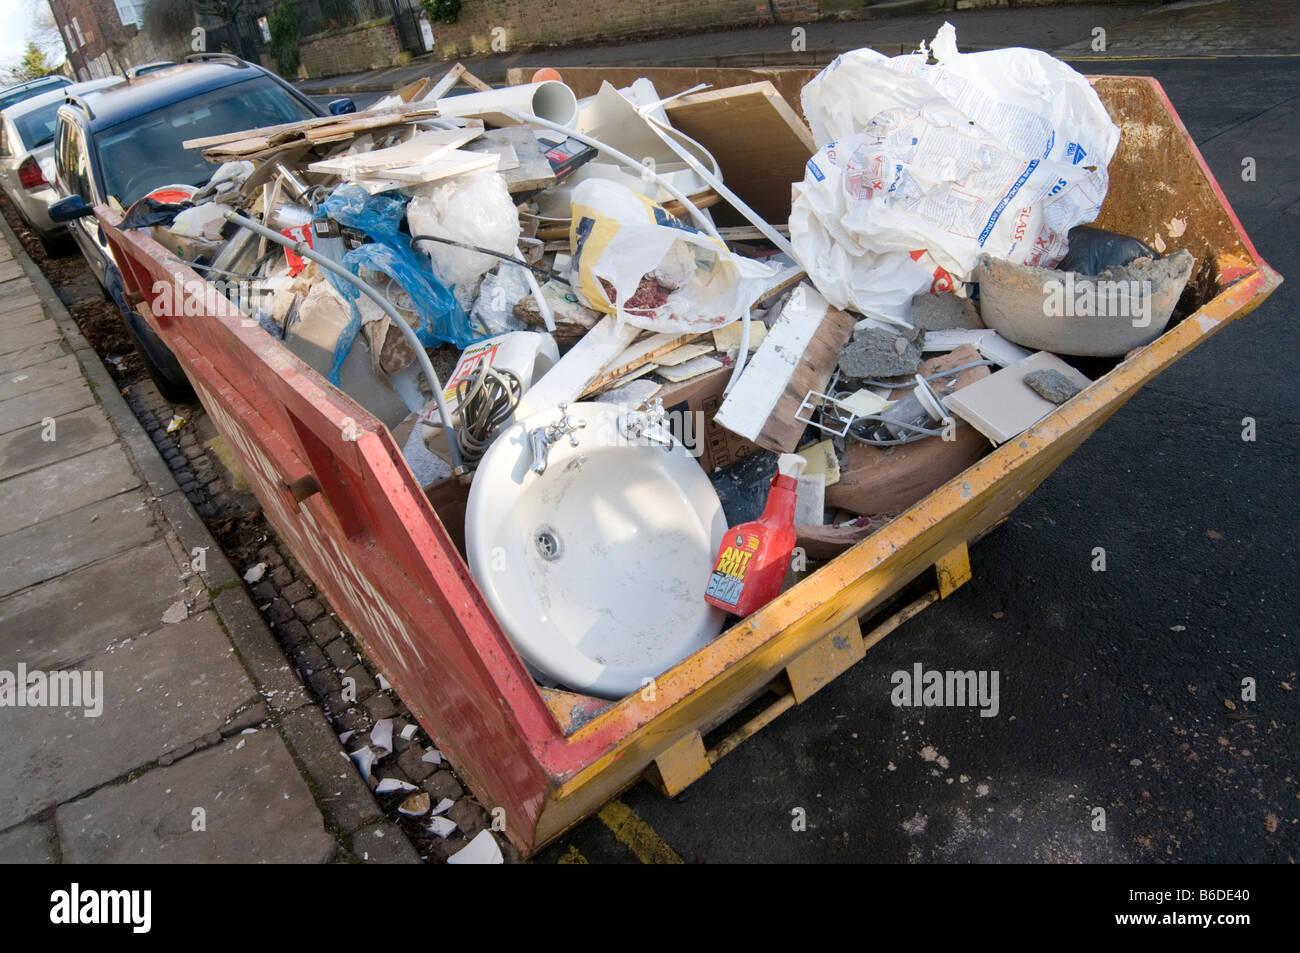 skip trash rubbish junk scrap throwaway dumpster can waste dispose disposal dump refuse disposal bin landfill uk - Stock Image